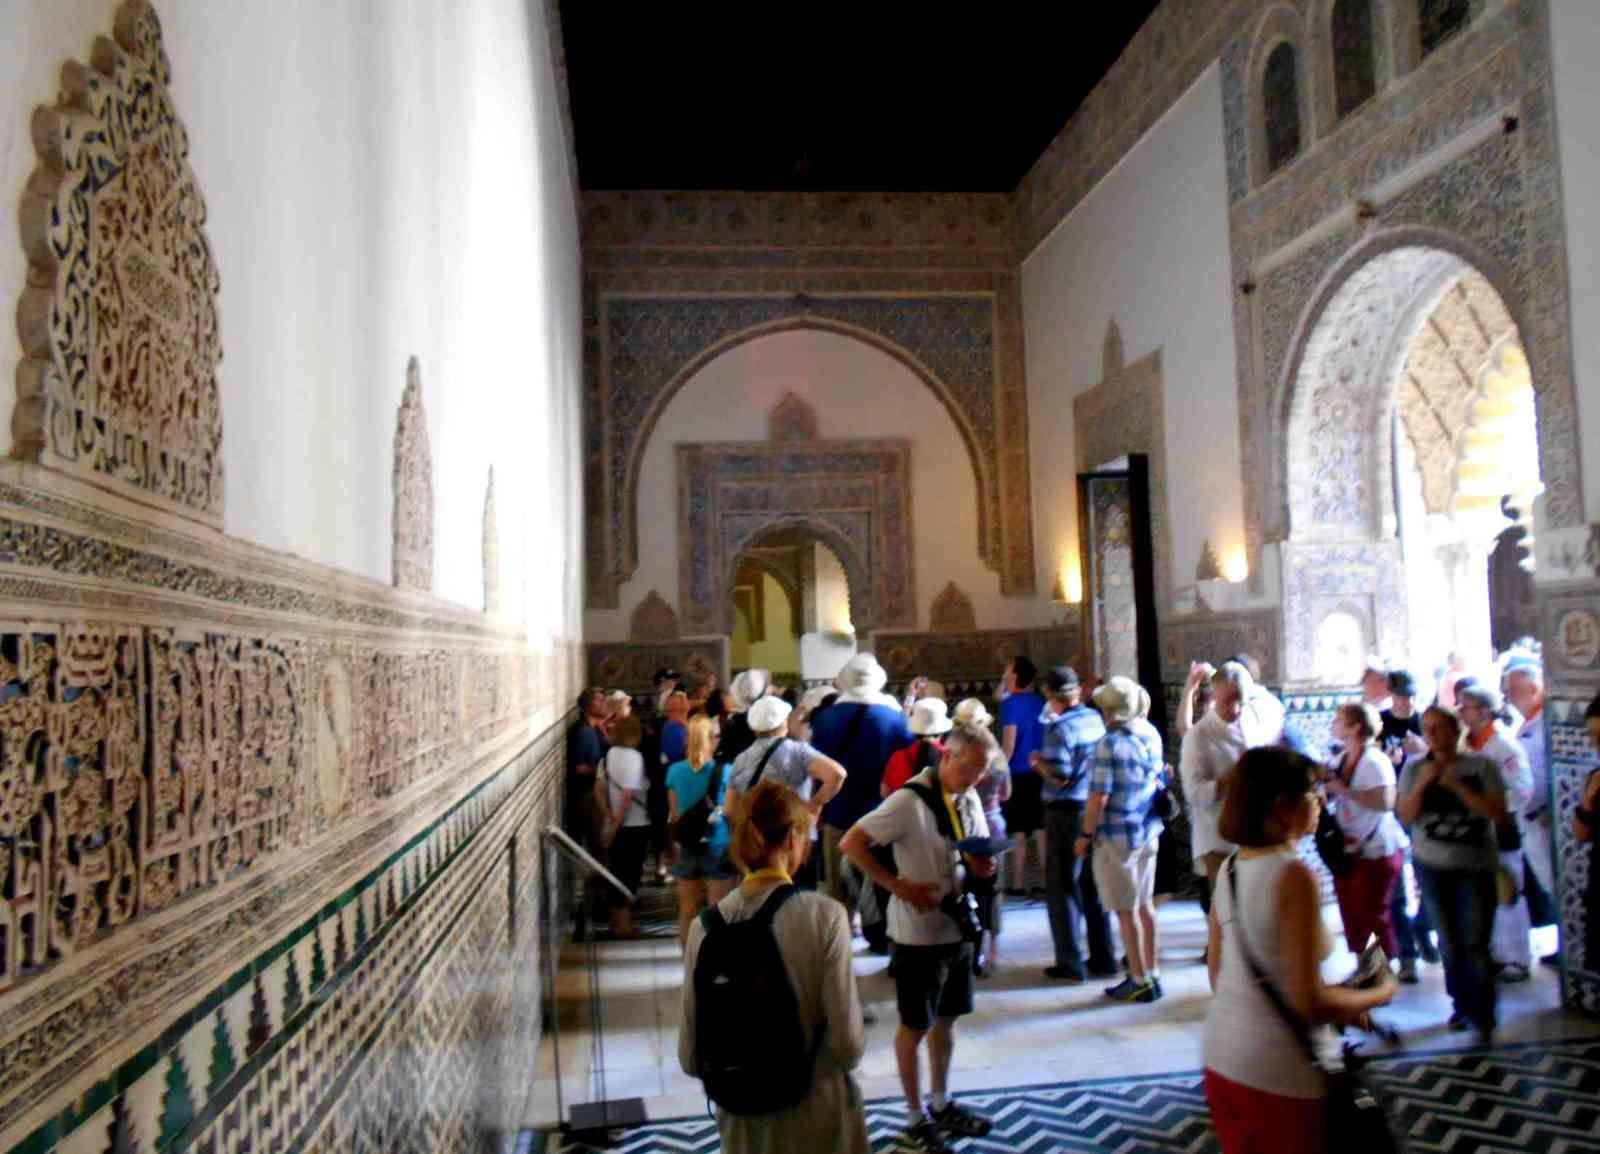 L' Alcázar : un monument incontournable de Séville éblouissant par sa grandeur, sa noblesse et ses décors